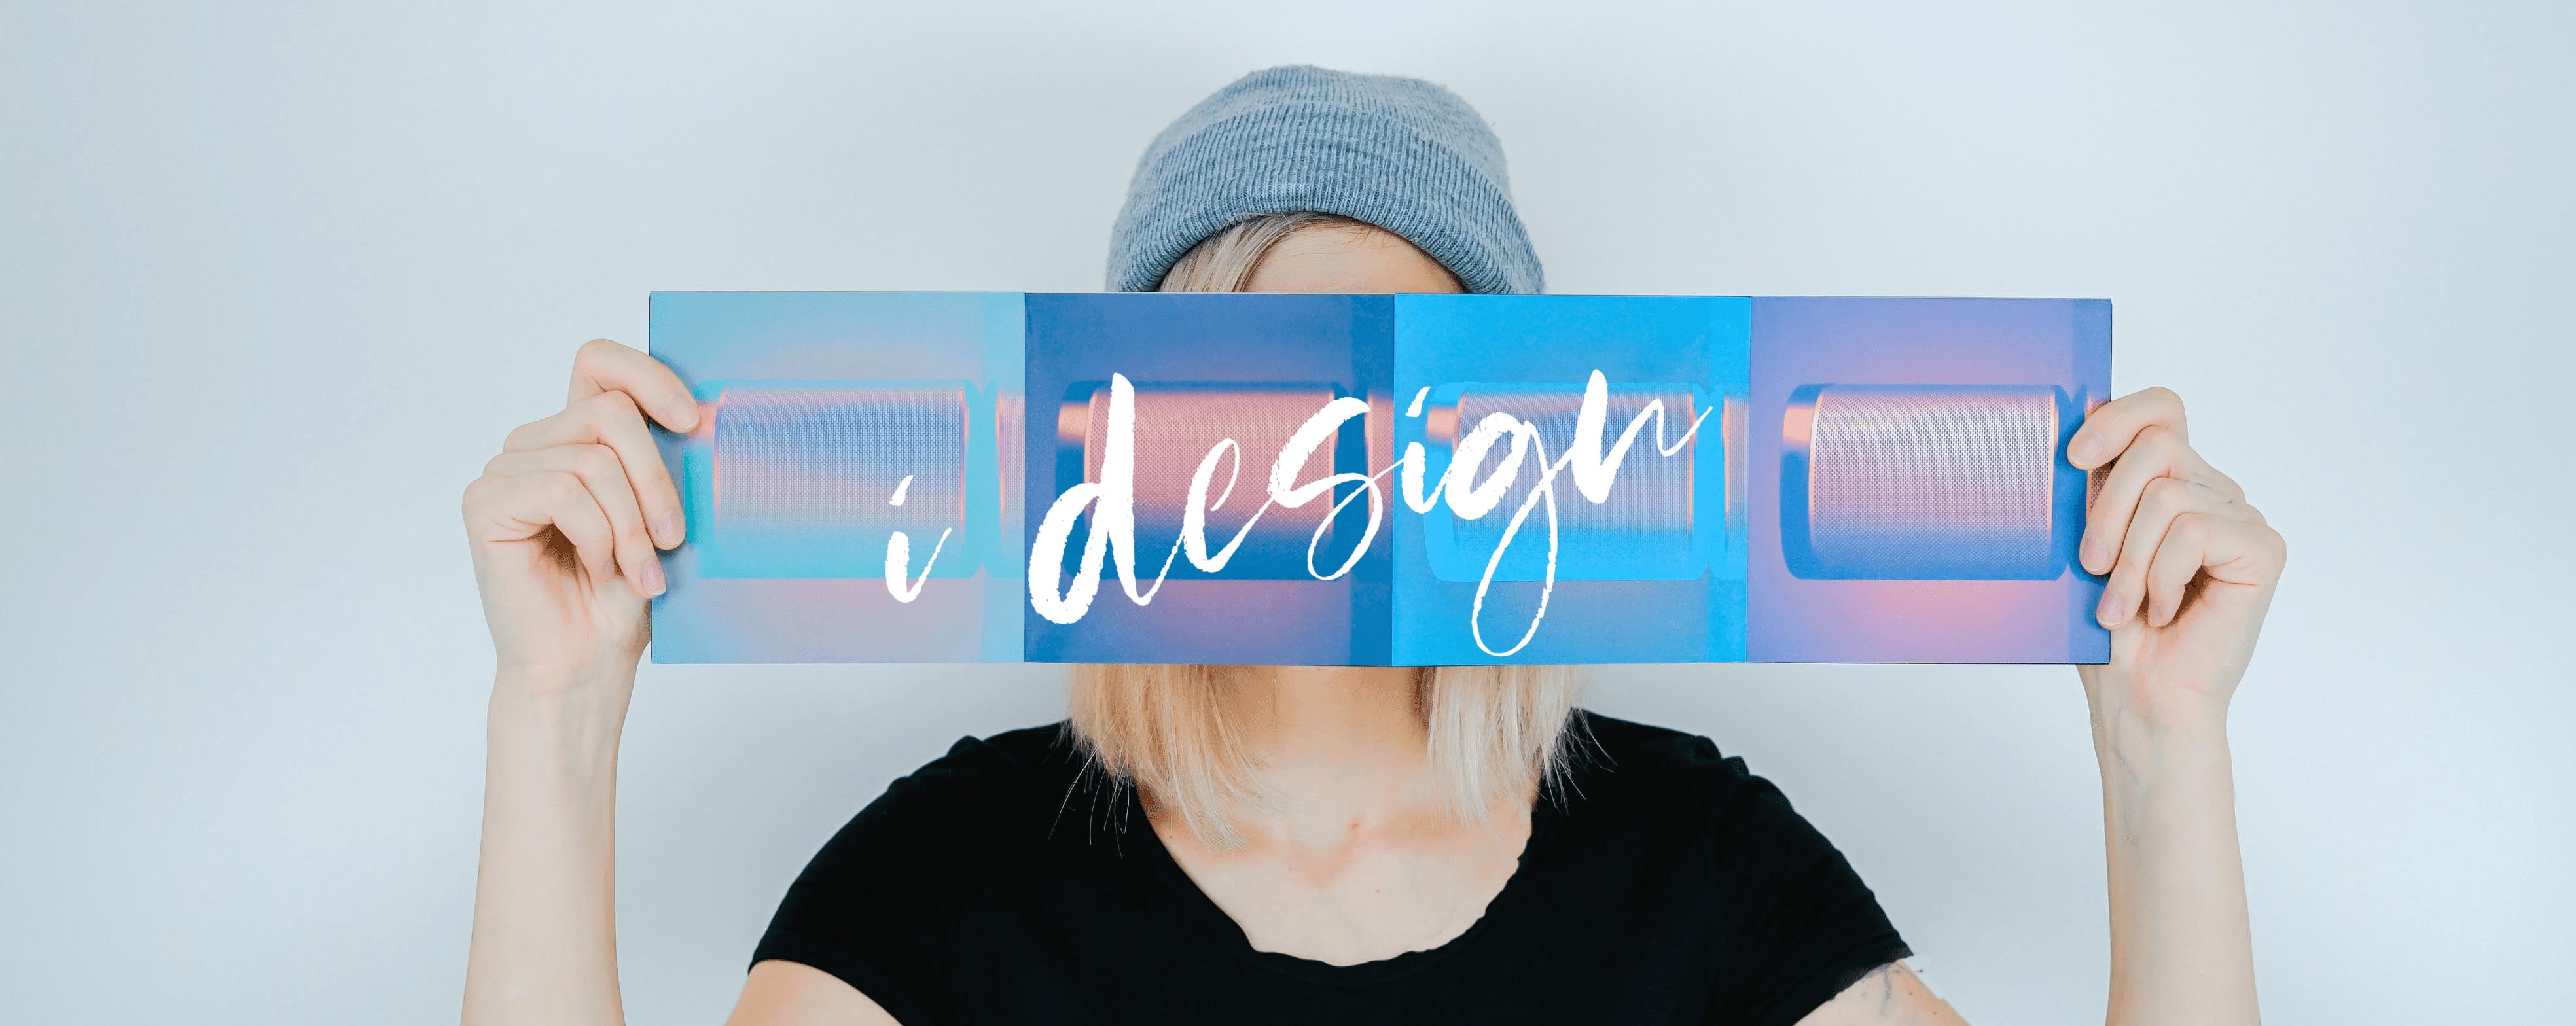 2020 Scholarships for Designers & Creators in High School